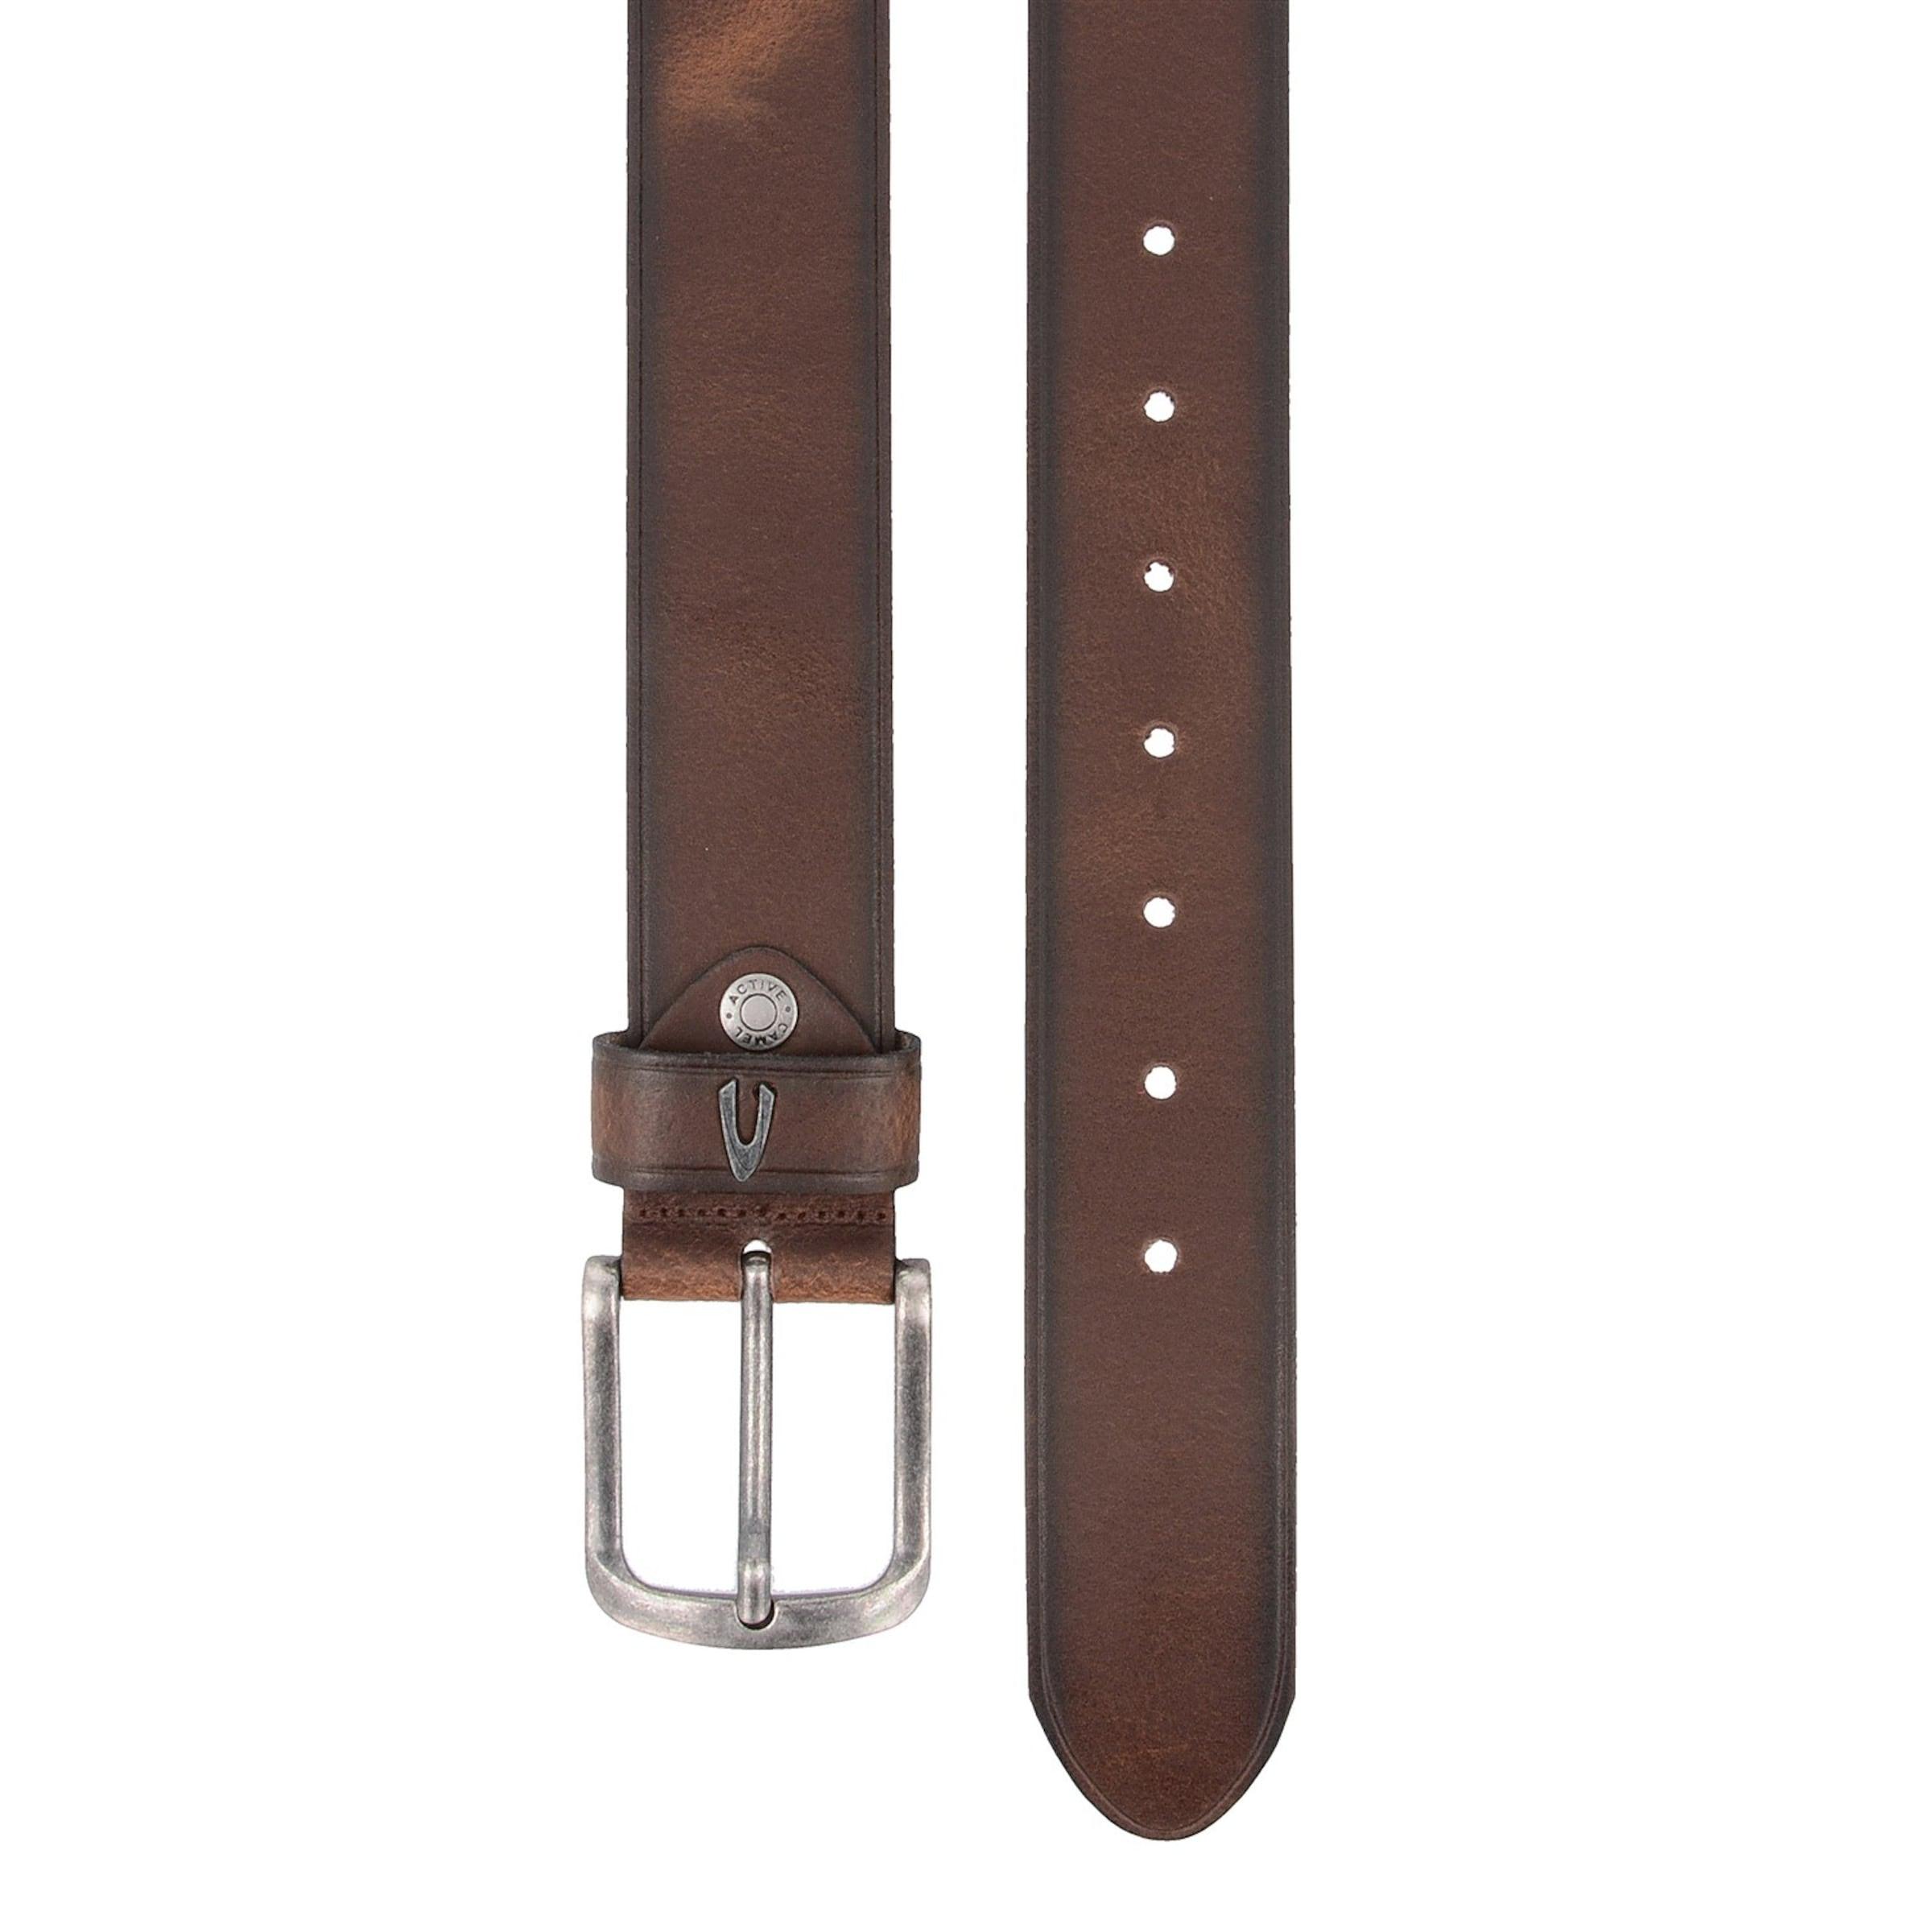 Beeile Dich CAMEL ACTIVE Gürtel V Leder 100cm Wirklich Online-Verkauf 5LK5zgDjQY